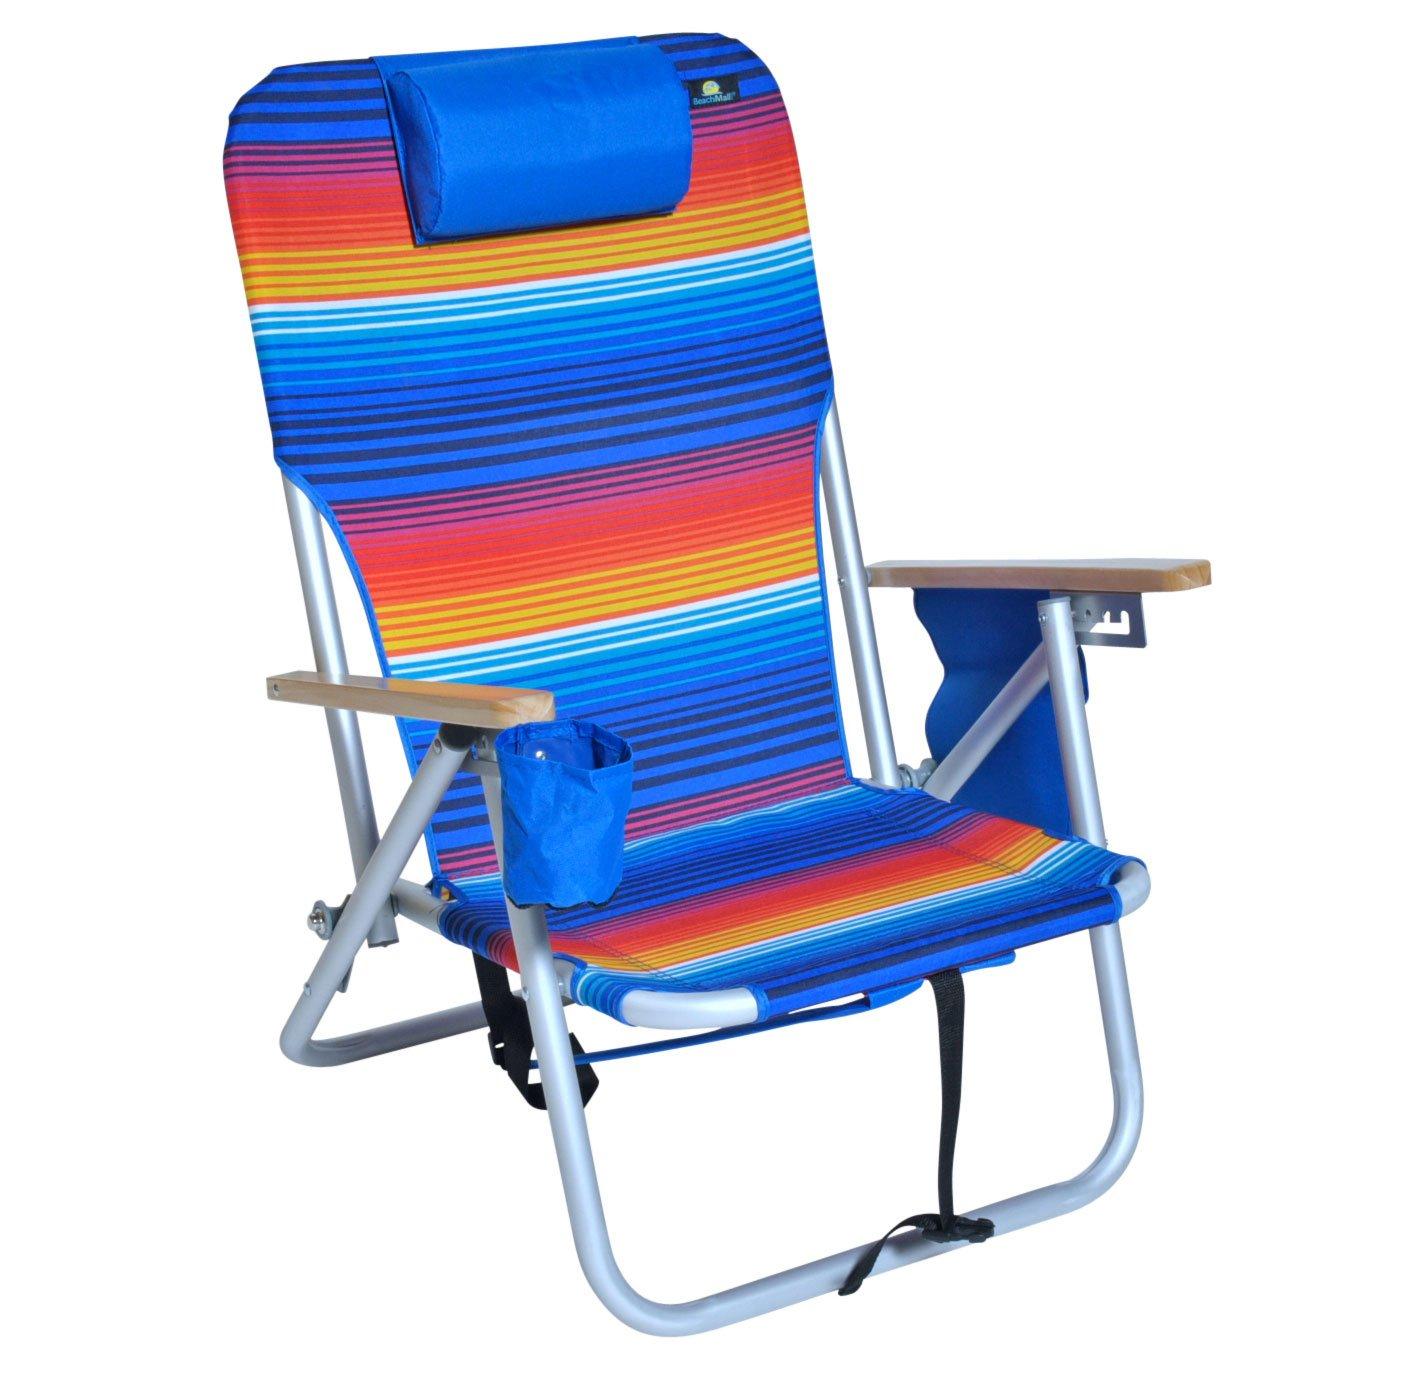 バックパックアルミ椅子4位置軽量理想的なのビーチキャンプ屋外Tailgating by JGR Copa B01MZHX6M4  マルチ Add Dry Cell / Storage Pouch on Arm Rest